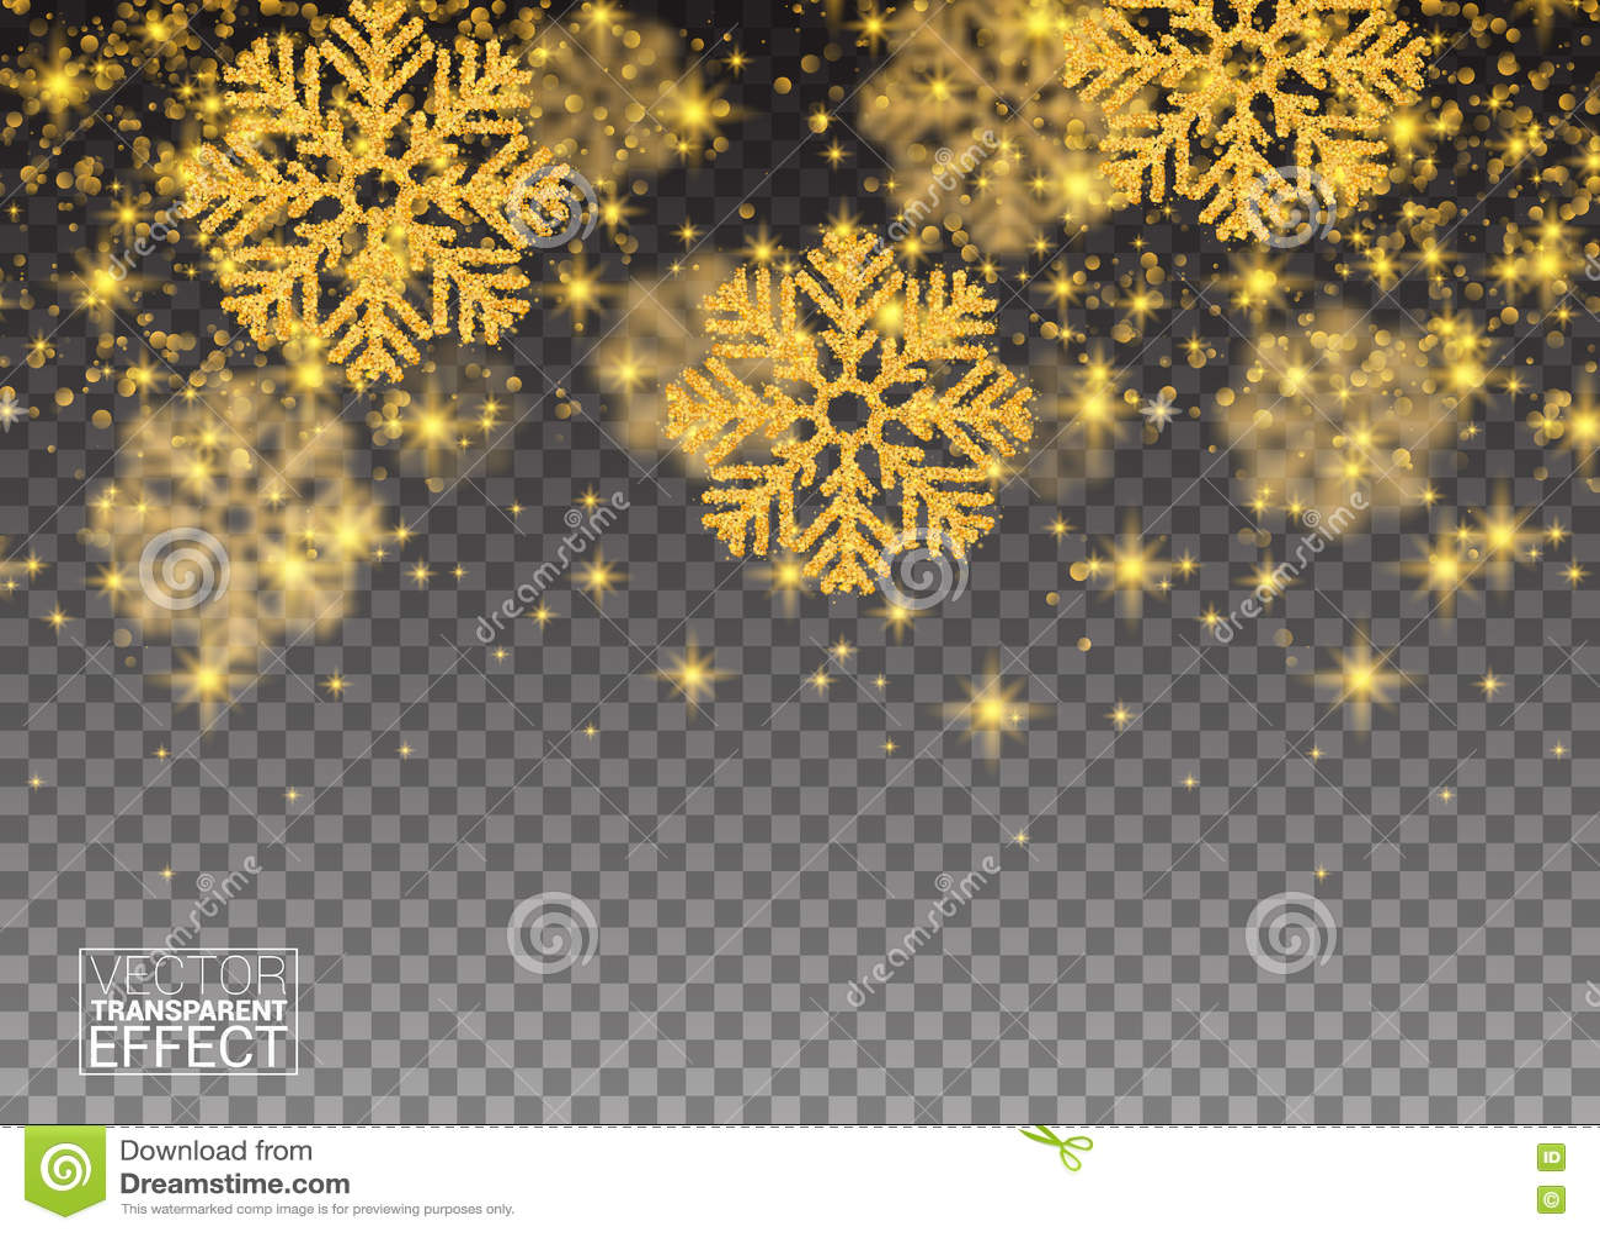 Fiocchi Di Neve Di Carta Modelli : Fiocchi di neve di caduta casuali dell oro del modello astratto di